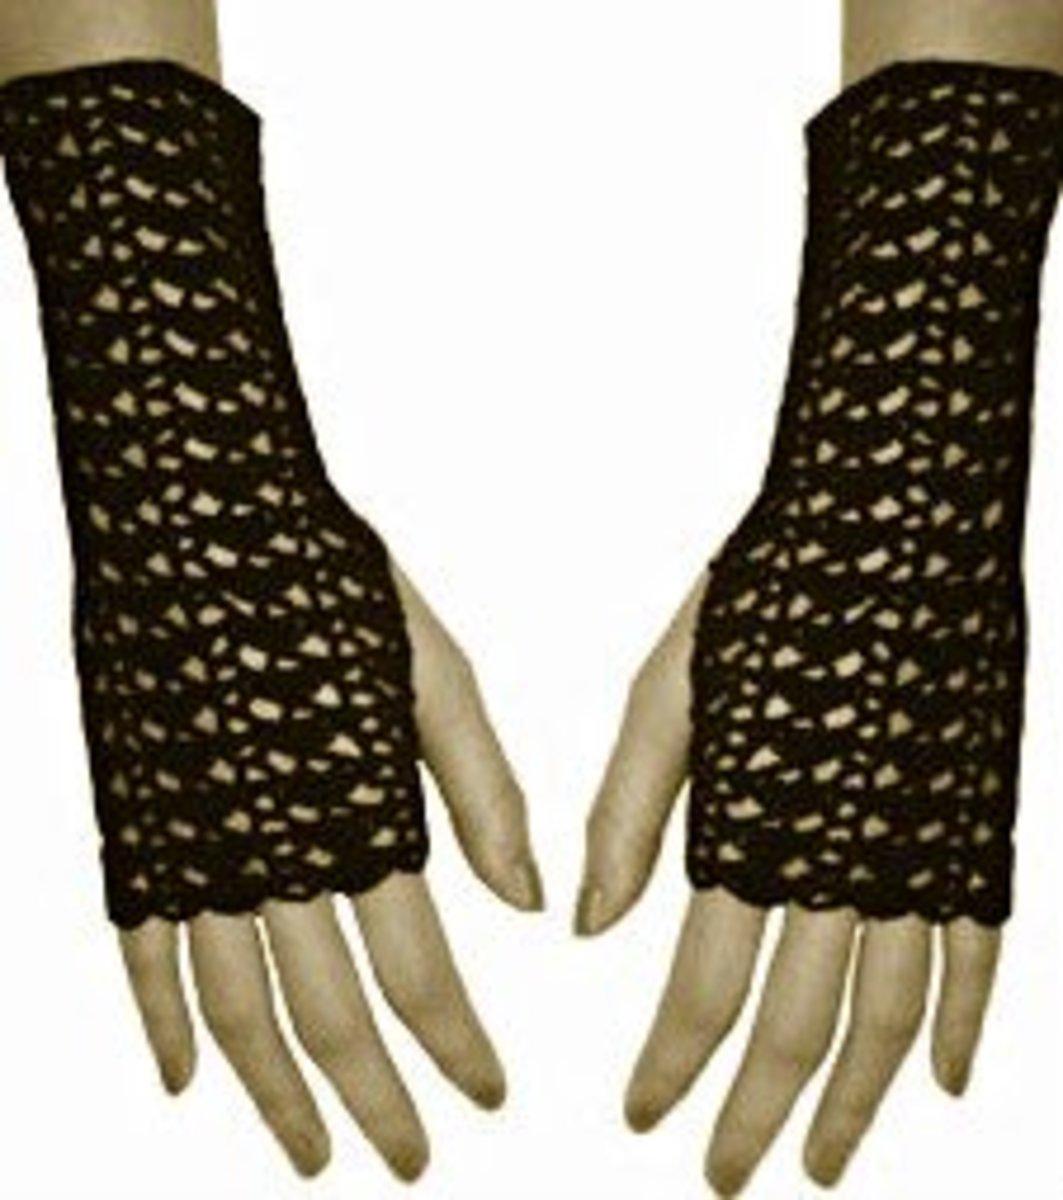 Fingerless gloves in black.